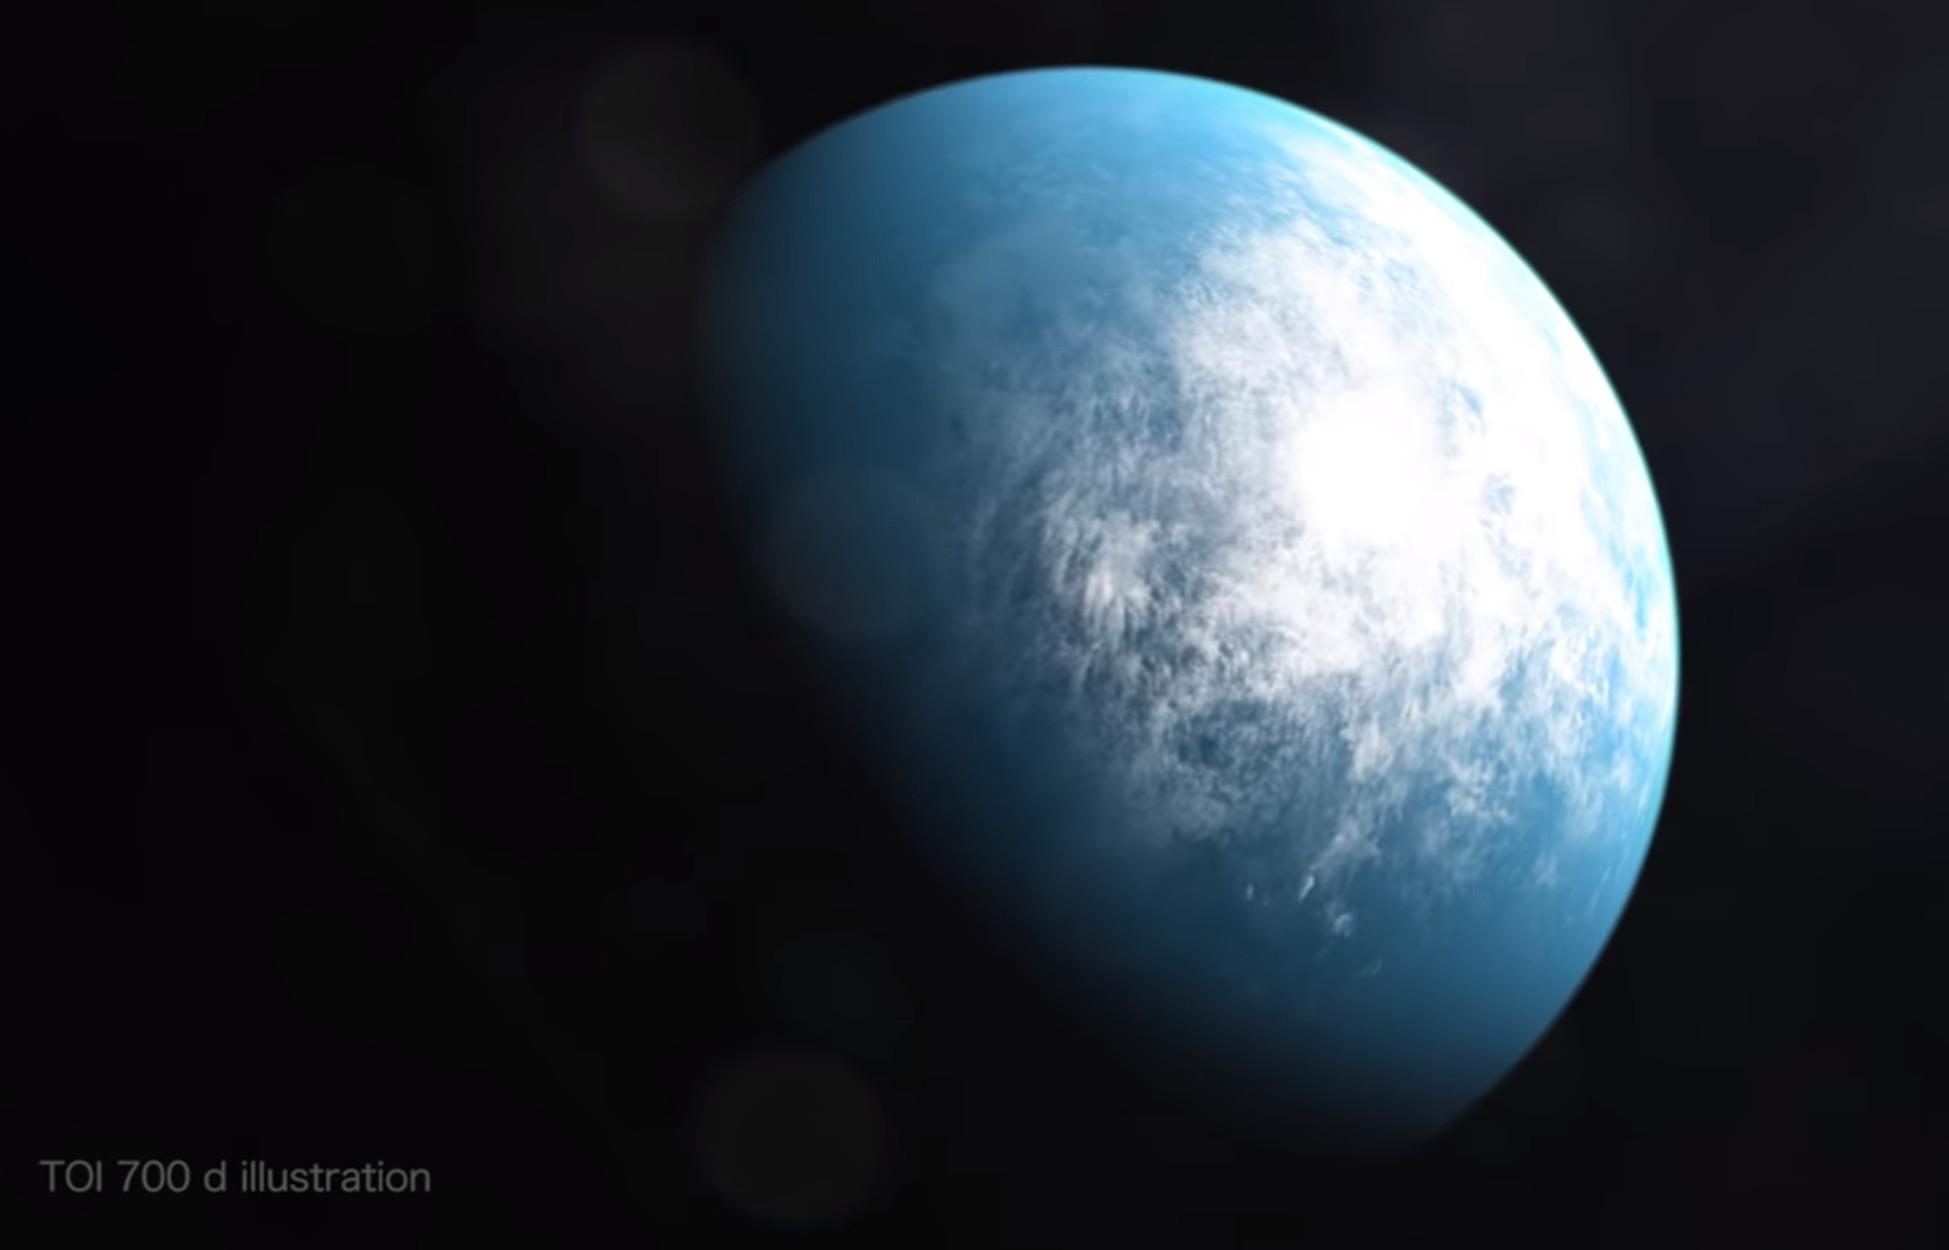 Δέος! Βρέθηκε ο πρώτος δυνητικά κατοικήσιμος εξωπλανήτης